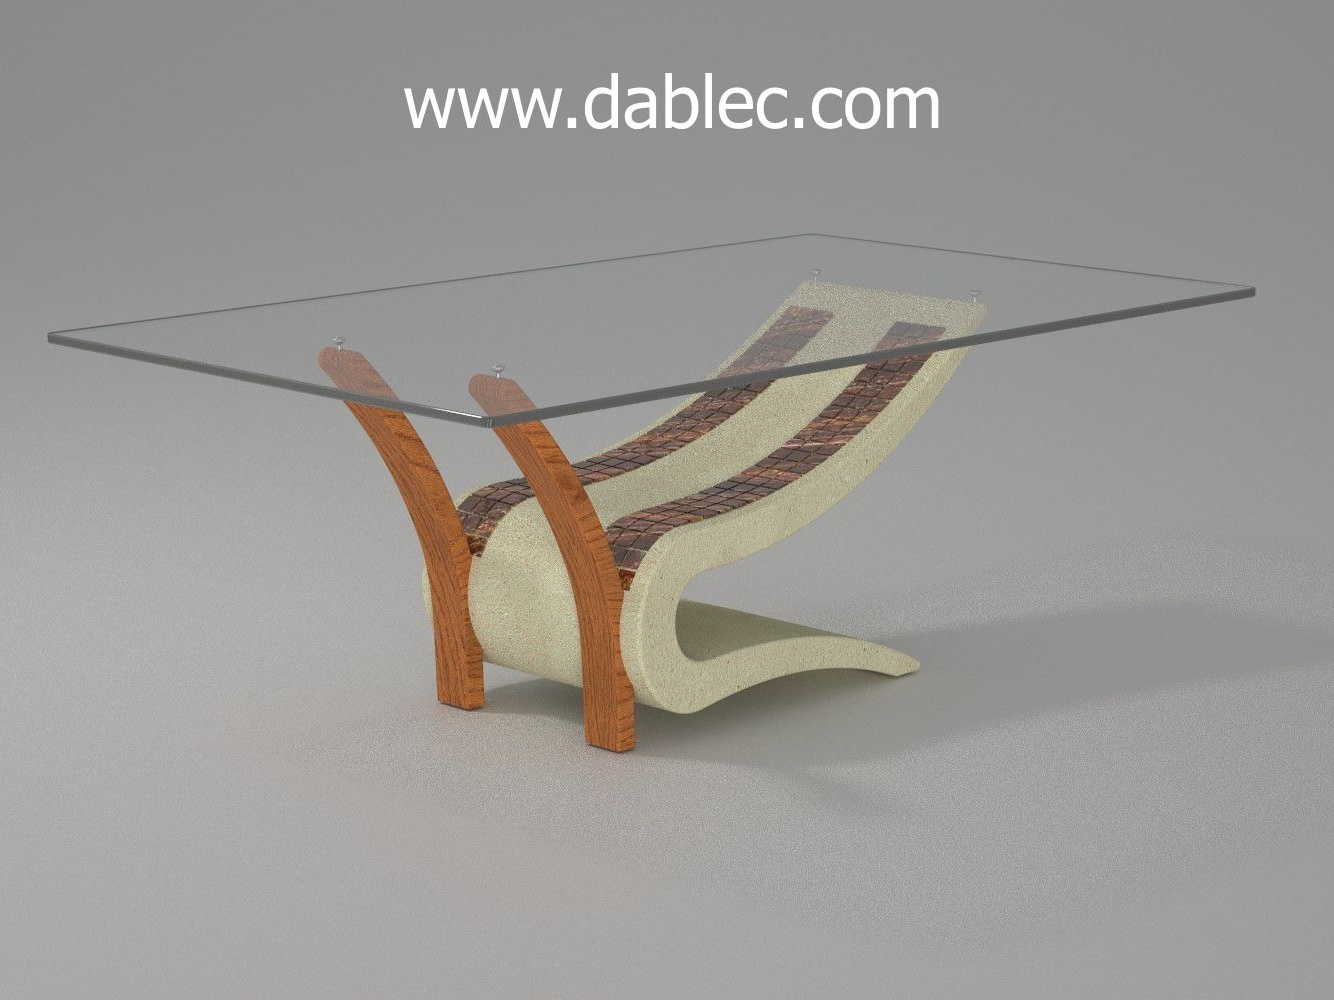 Tavolini Da Salotto Arredamento.Tavolino Da Salotto Moderno By Tiziano Moletta On Dribbble